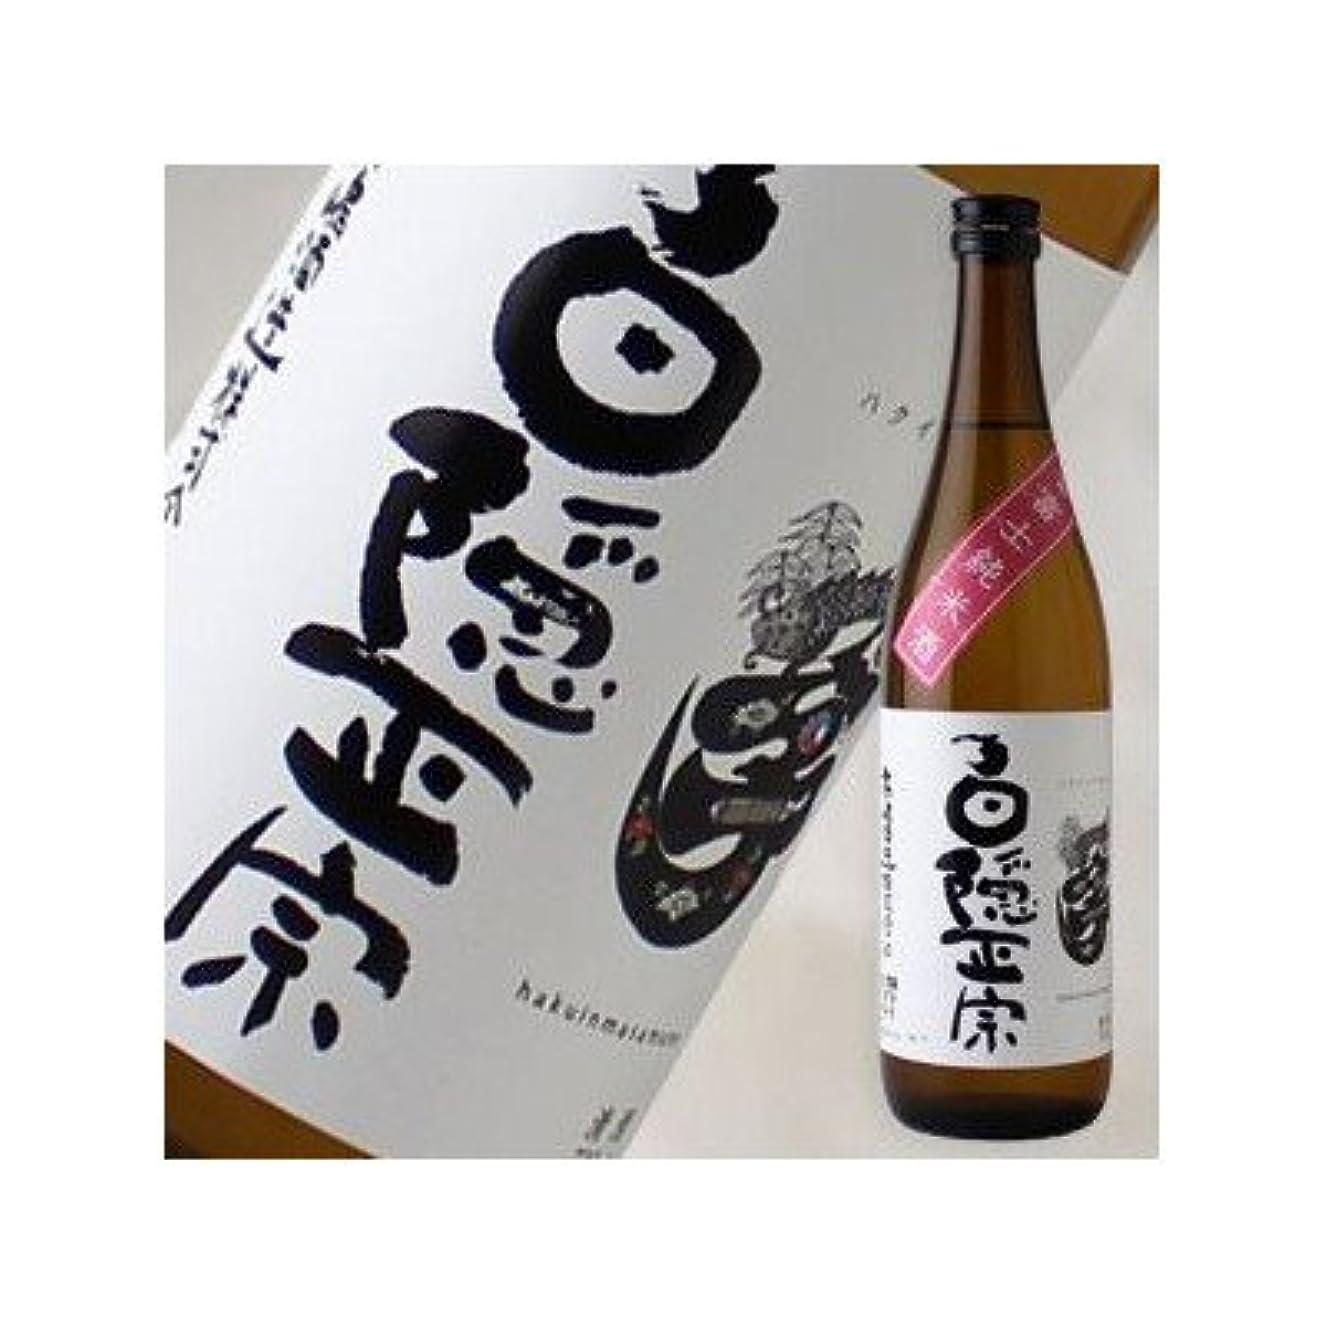 ストロー芽ジョリー白隠正宗 誉富士純米酒 720ml